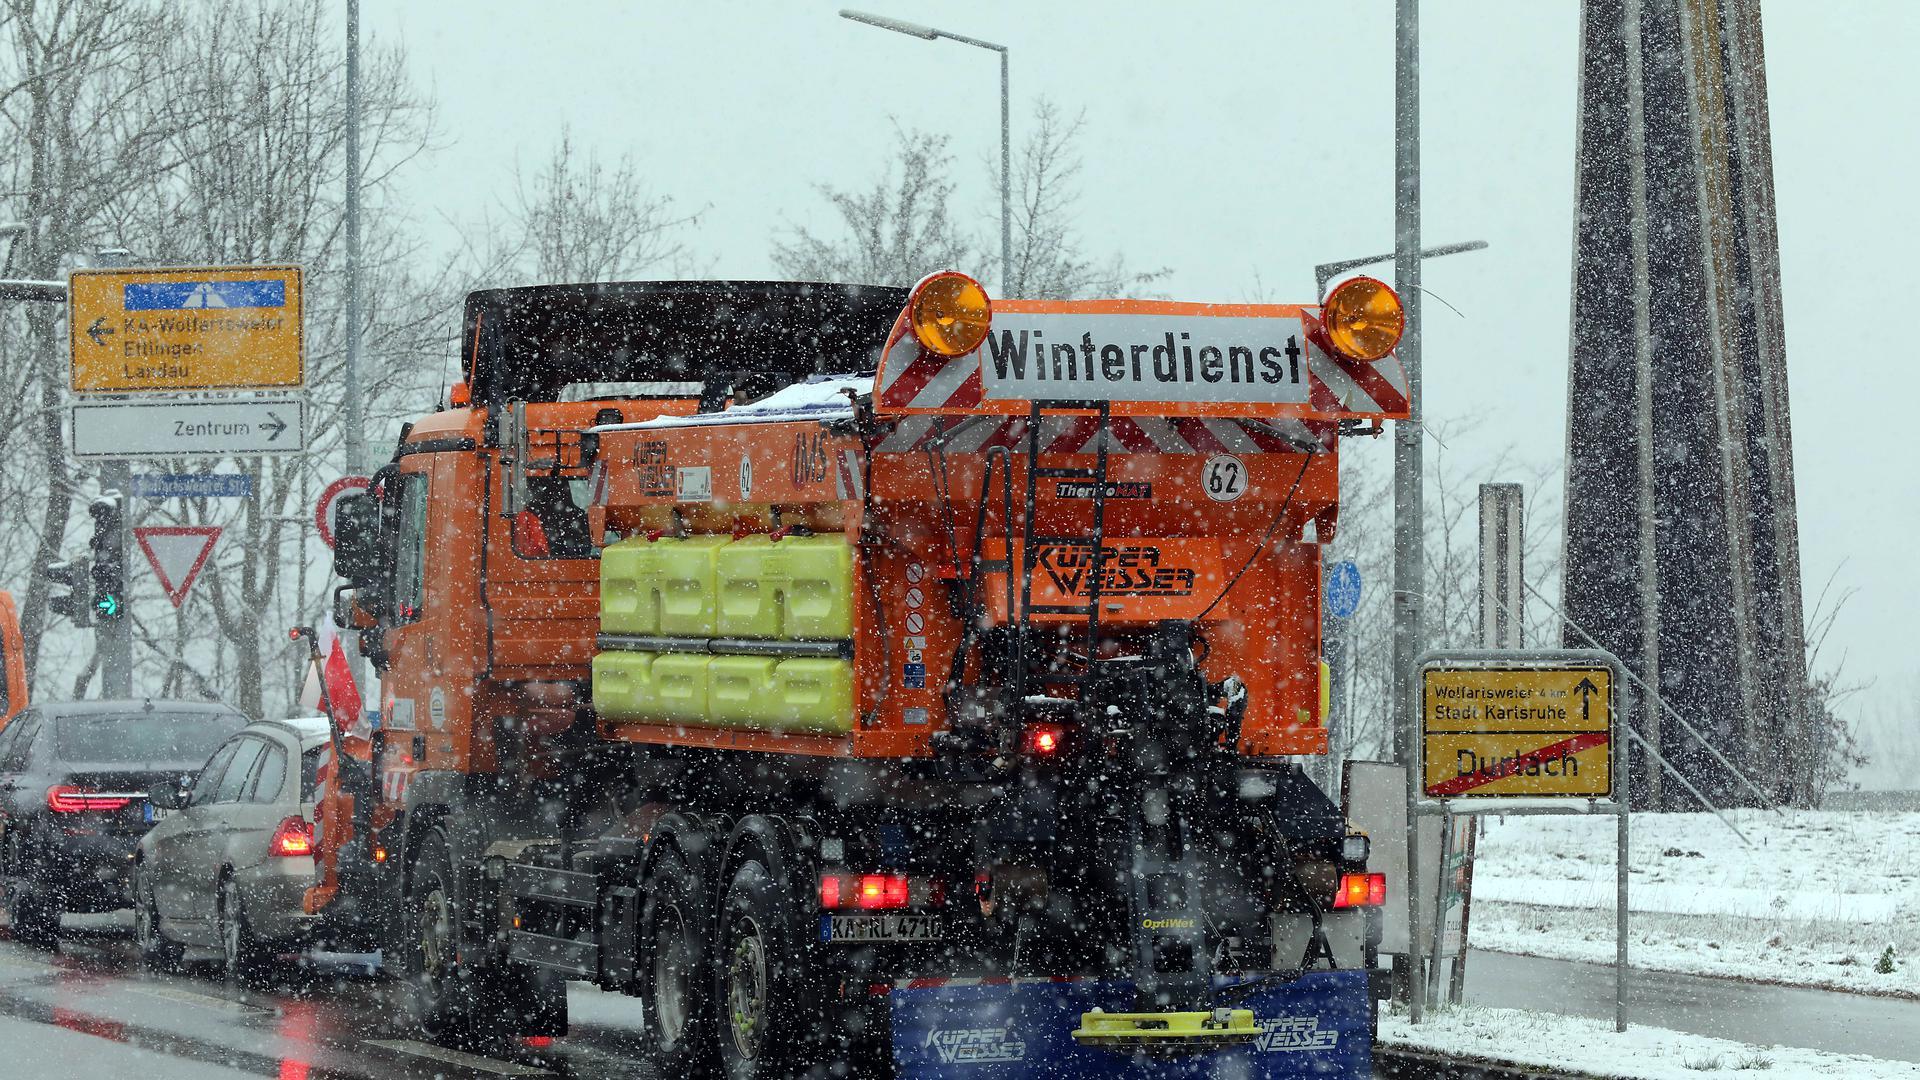 © Jodo-Foto /  Joerg  Donecker//  8.02.2021  Winterdienst im Einsatz,                  Copyright - Jodo-Foto /  Joerg  Donecker Sonnenbergstr.4  D-76228 KARLSRUHE TEL:  0049 (0) 721-9473285 FAX:  0049 (0) 721 4903368  Mobil: 0049 (0) 172 7238737 E-Mail:  joerg.donecker@t-online.de Sparkasse Karlsruhe  IBAN: DE12 6605 0101 0010 0395 50, BIC: KARSDE66XX Steuernummer 34140/28360 Veroeffentlichung nur gegen Honorar nach MFM zzgl. ges. Mwst.  , Belegexemplar und Namensnennung. Es gelten meine AGB.